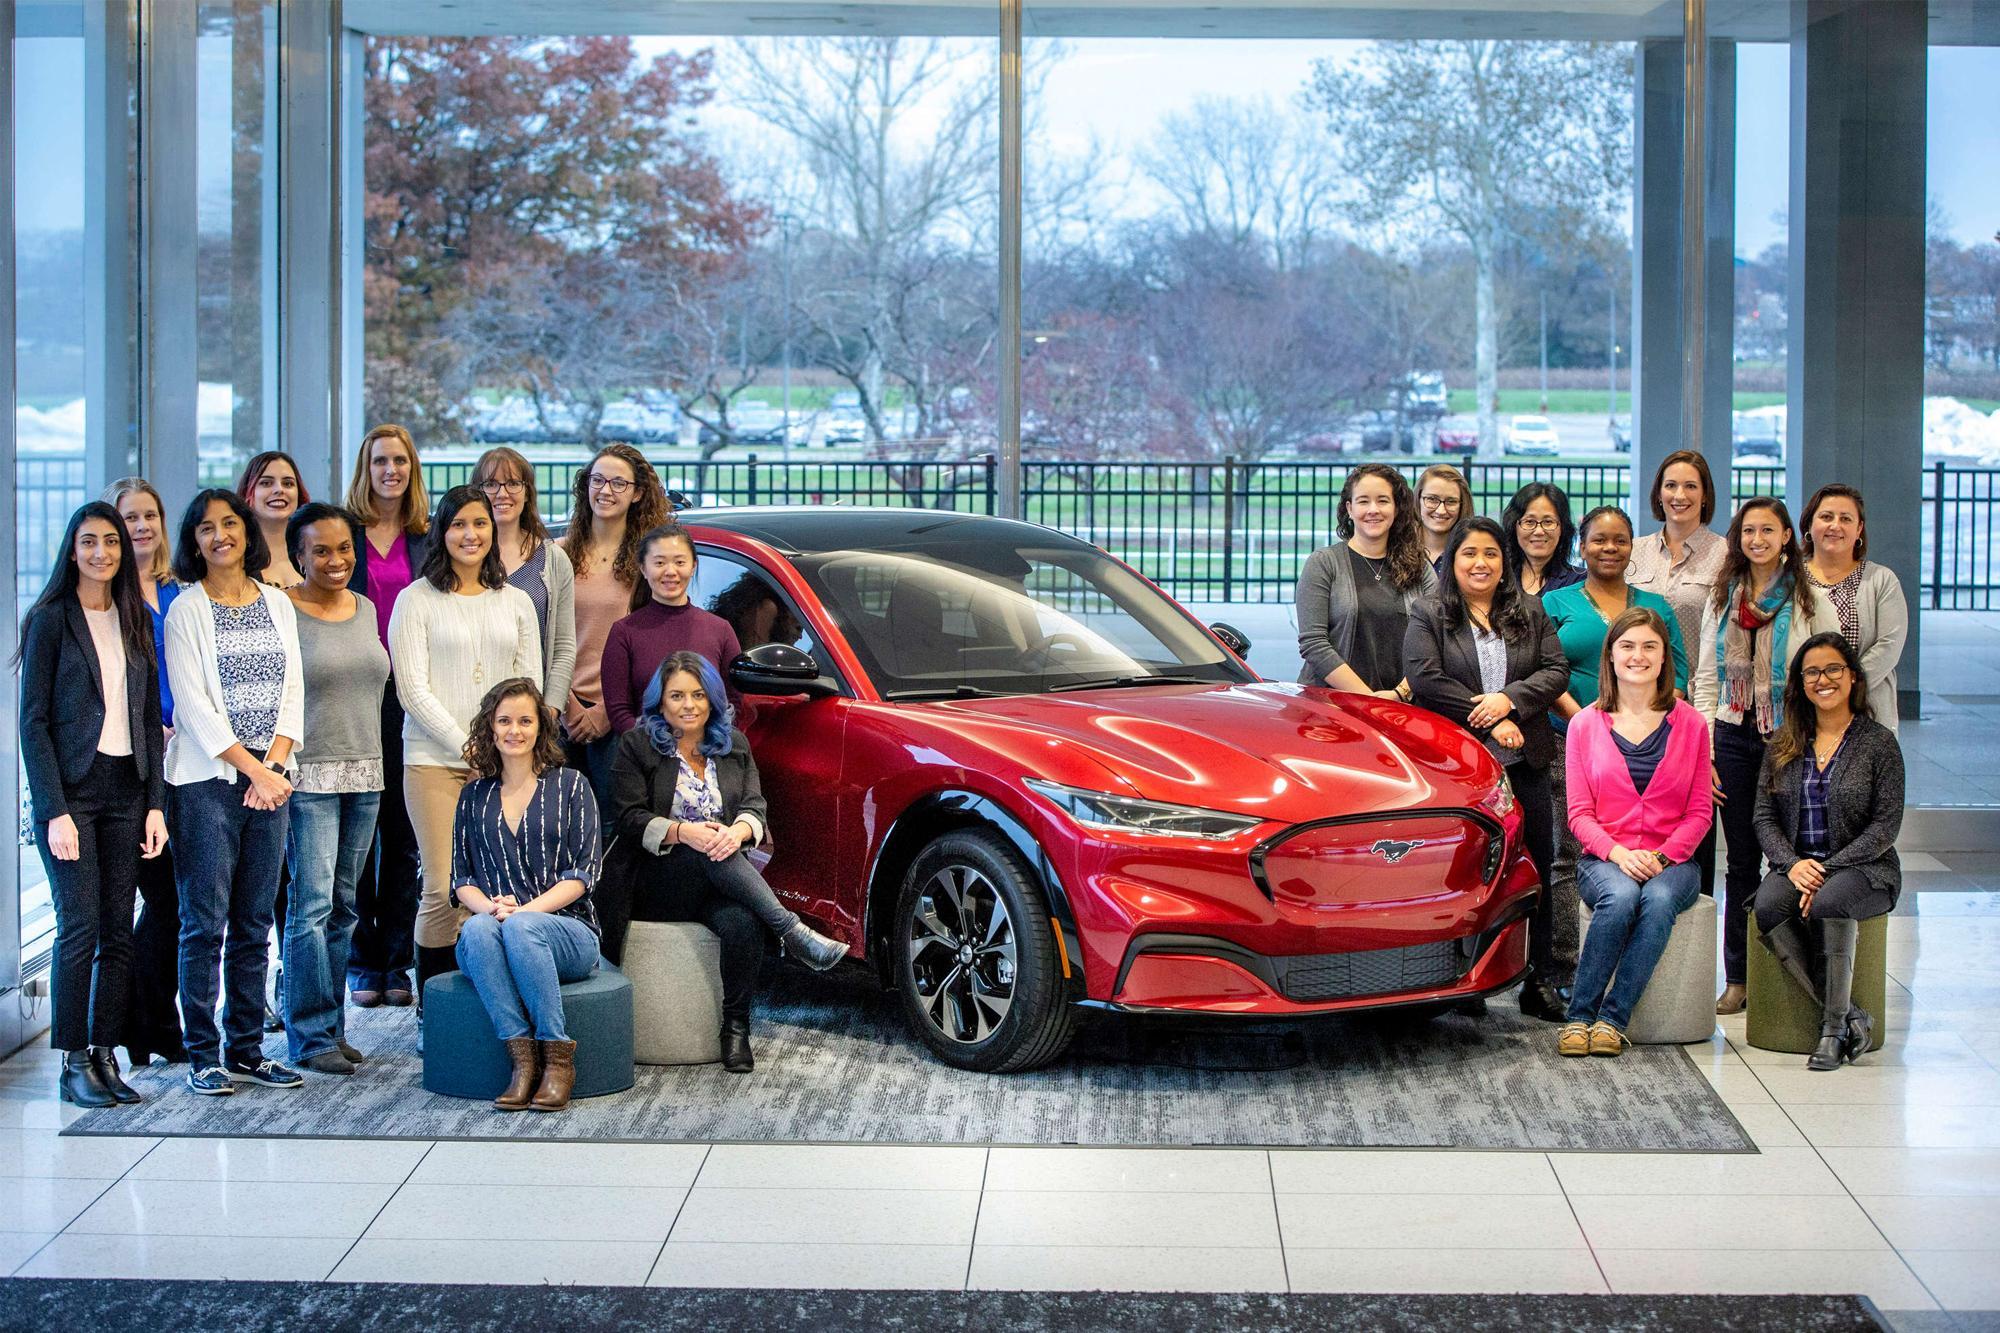 Οι γυναίκες πίσω από την εξέλιξη της ηλεκτρικής Mustang Mach-E!